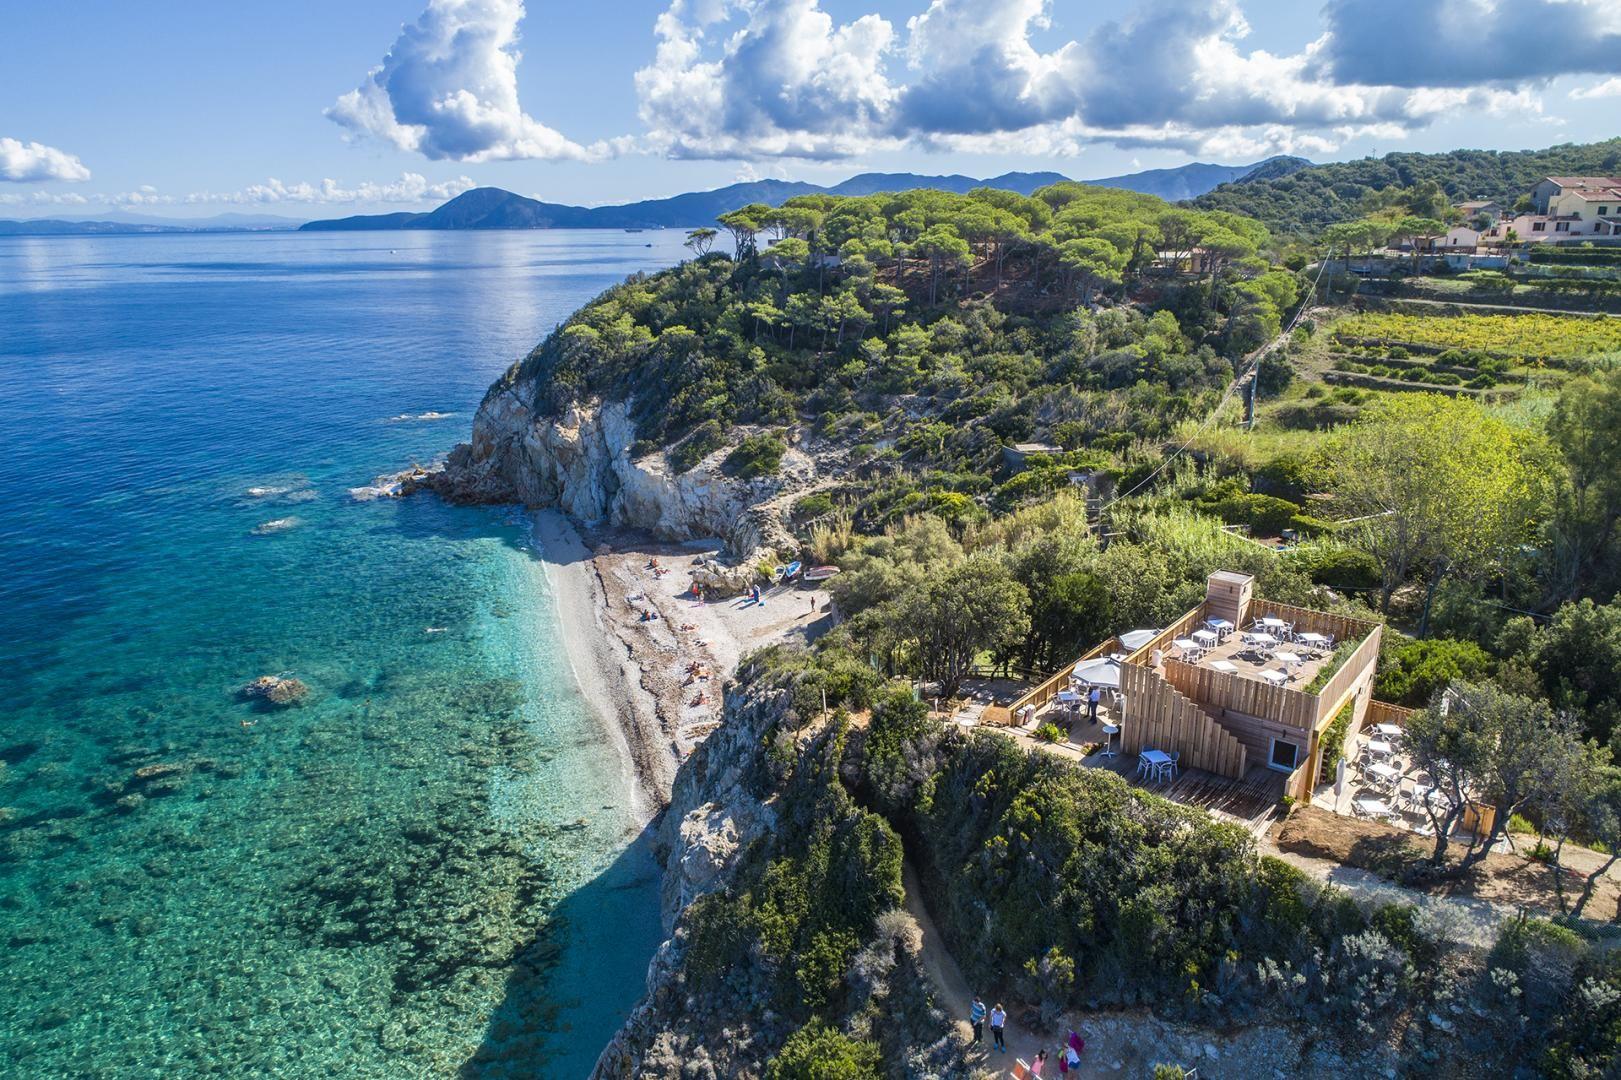 Ristorante sull'isola d'Elba. Pareti ventilate in Legno a